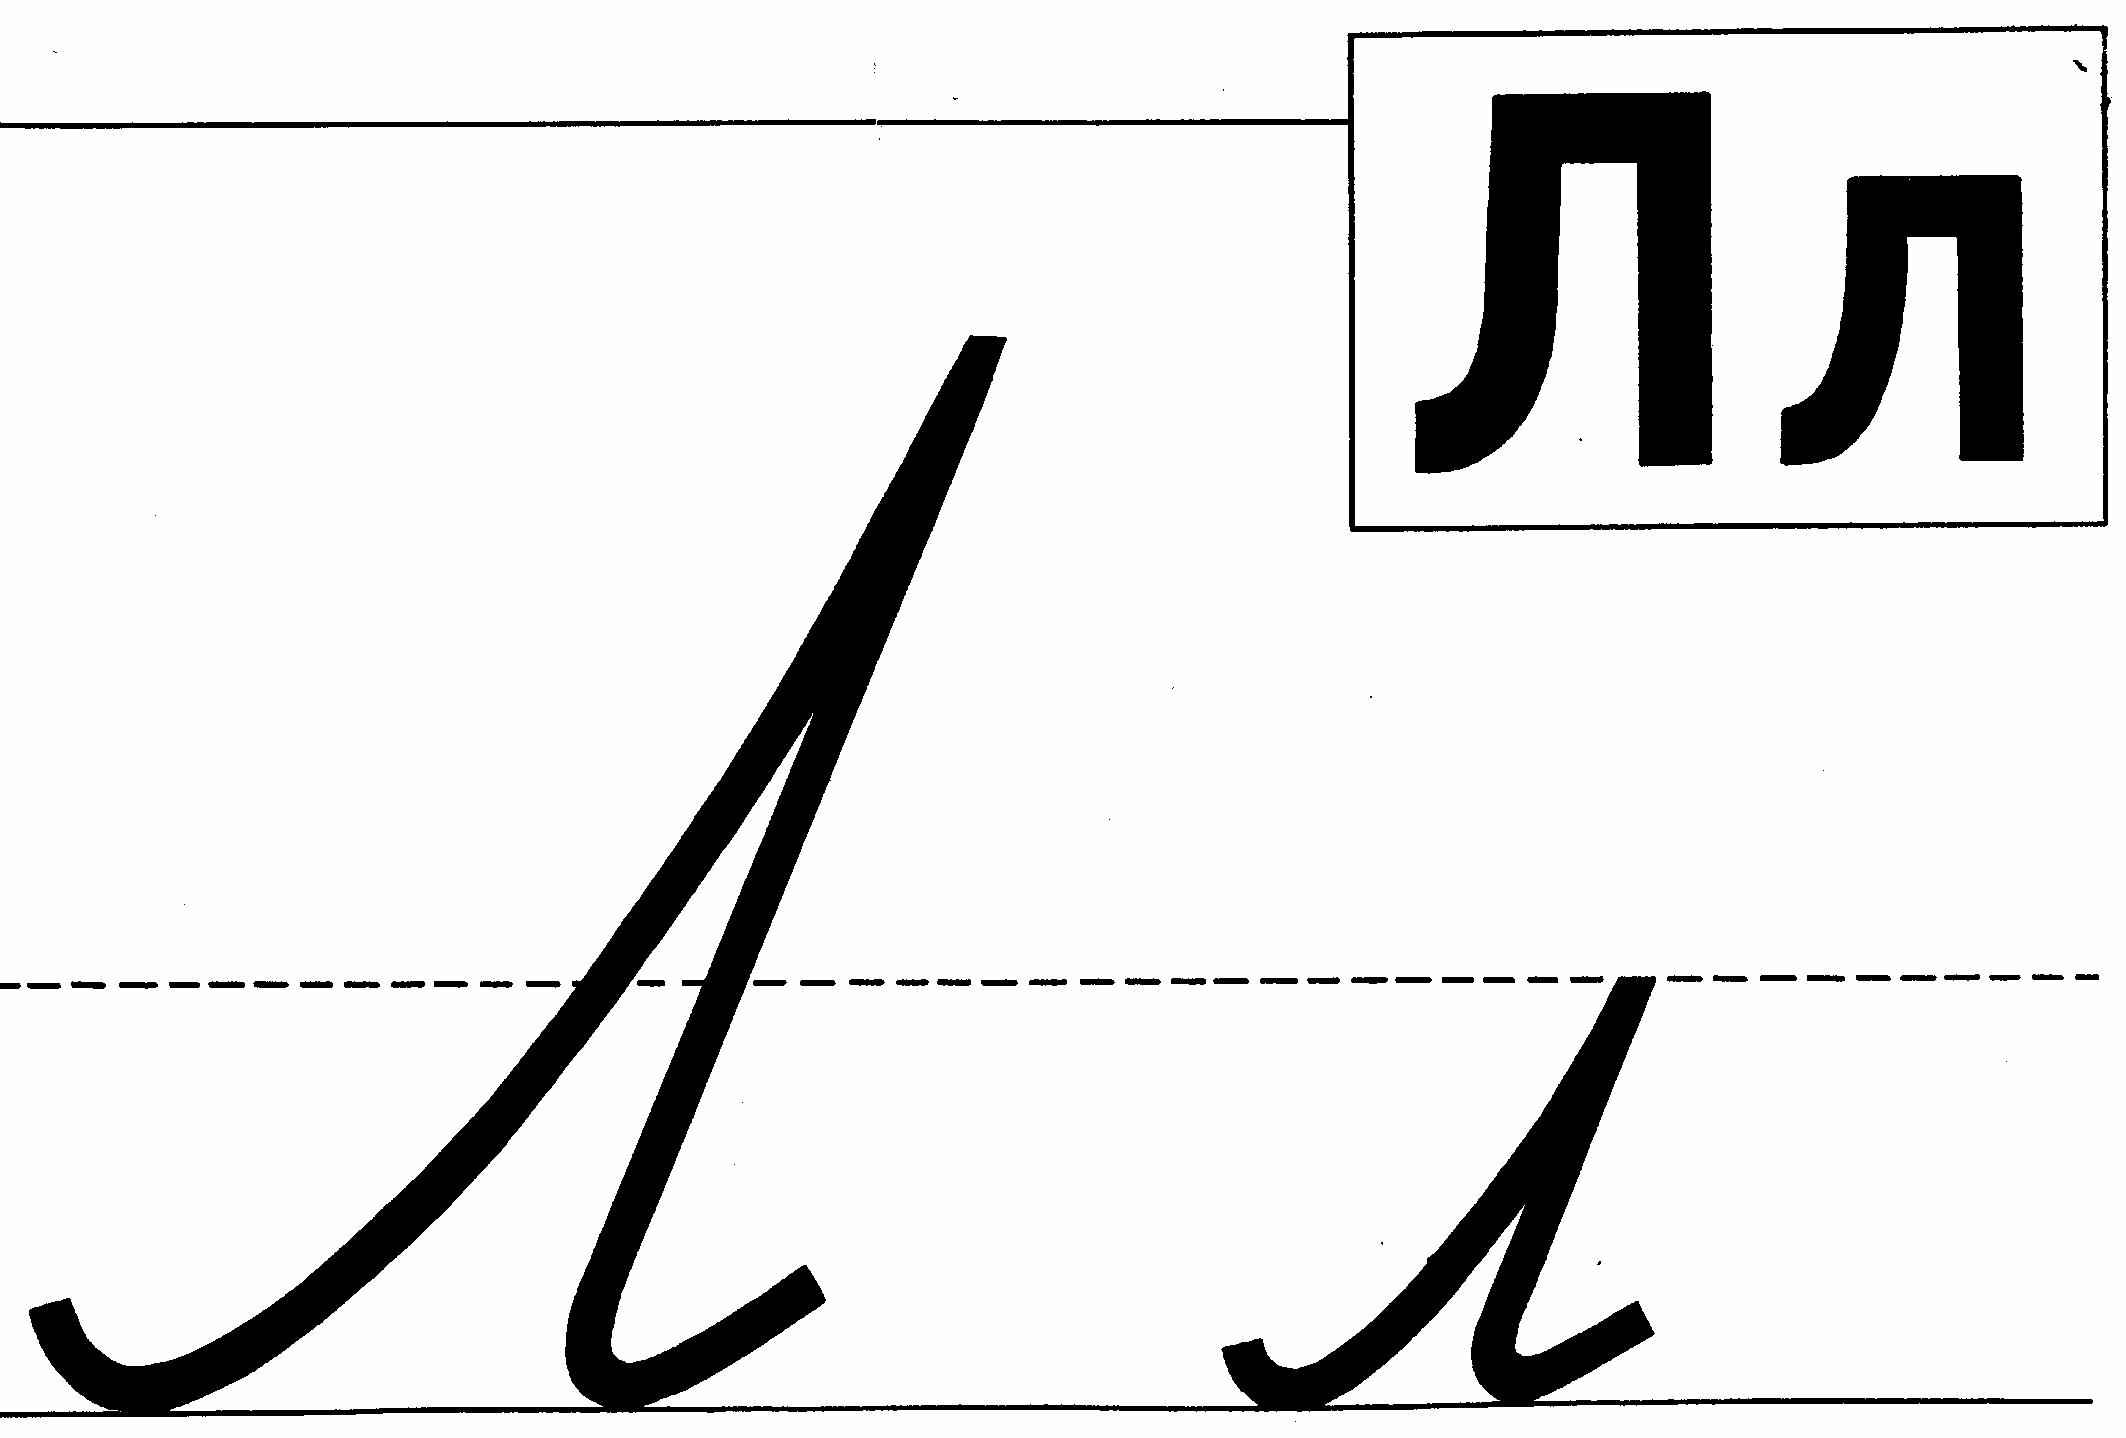 C07D43B4